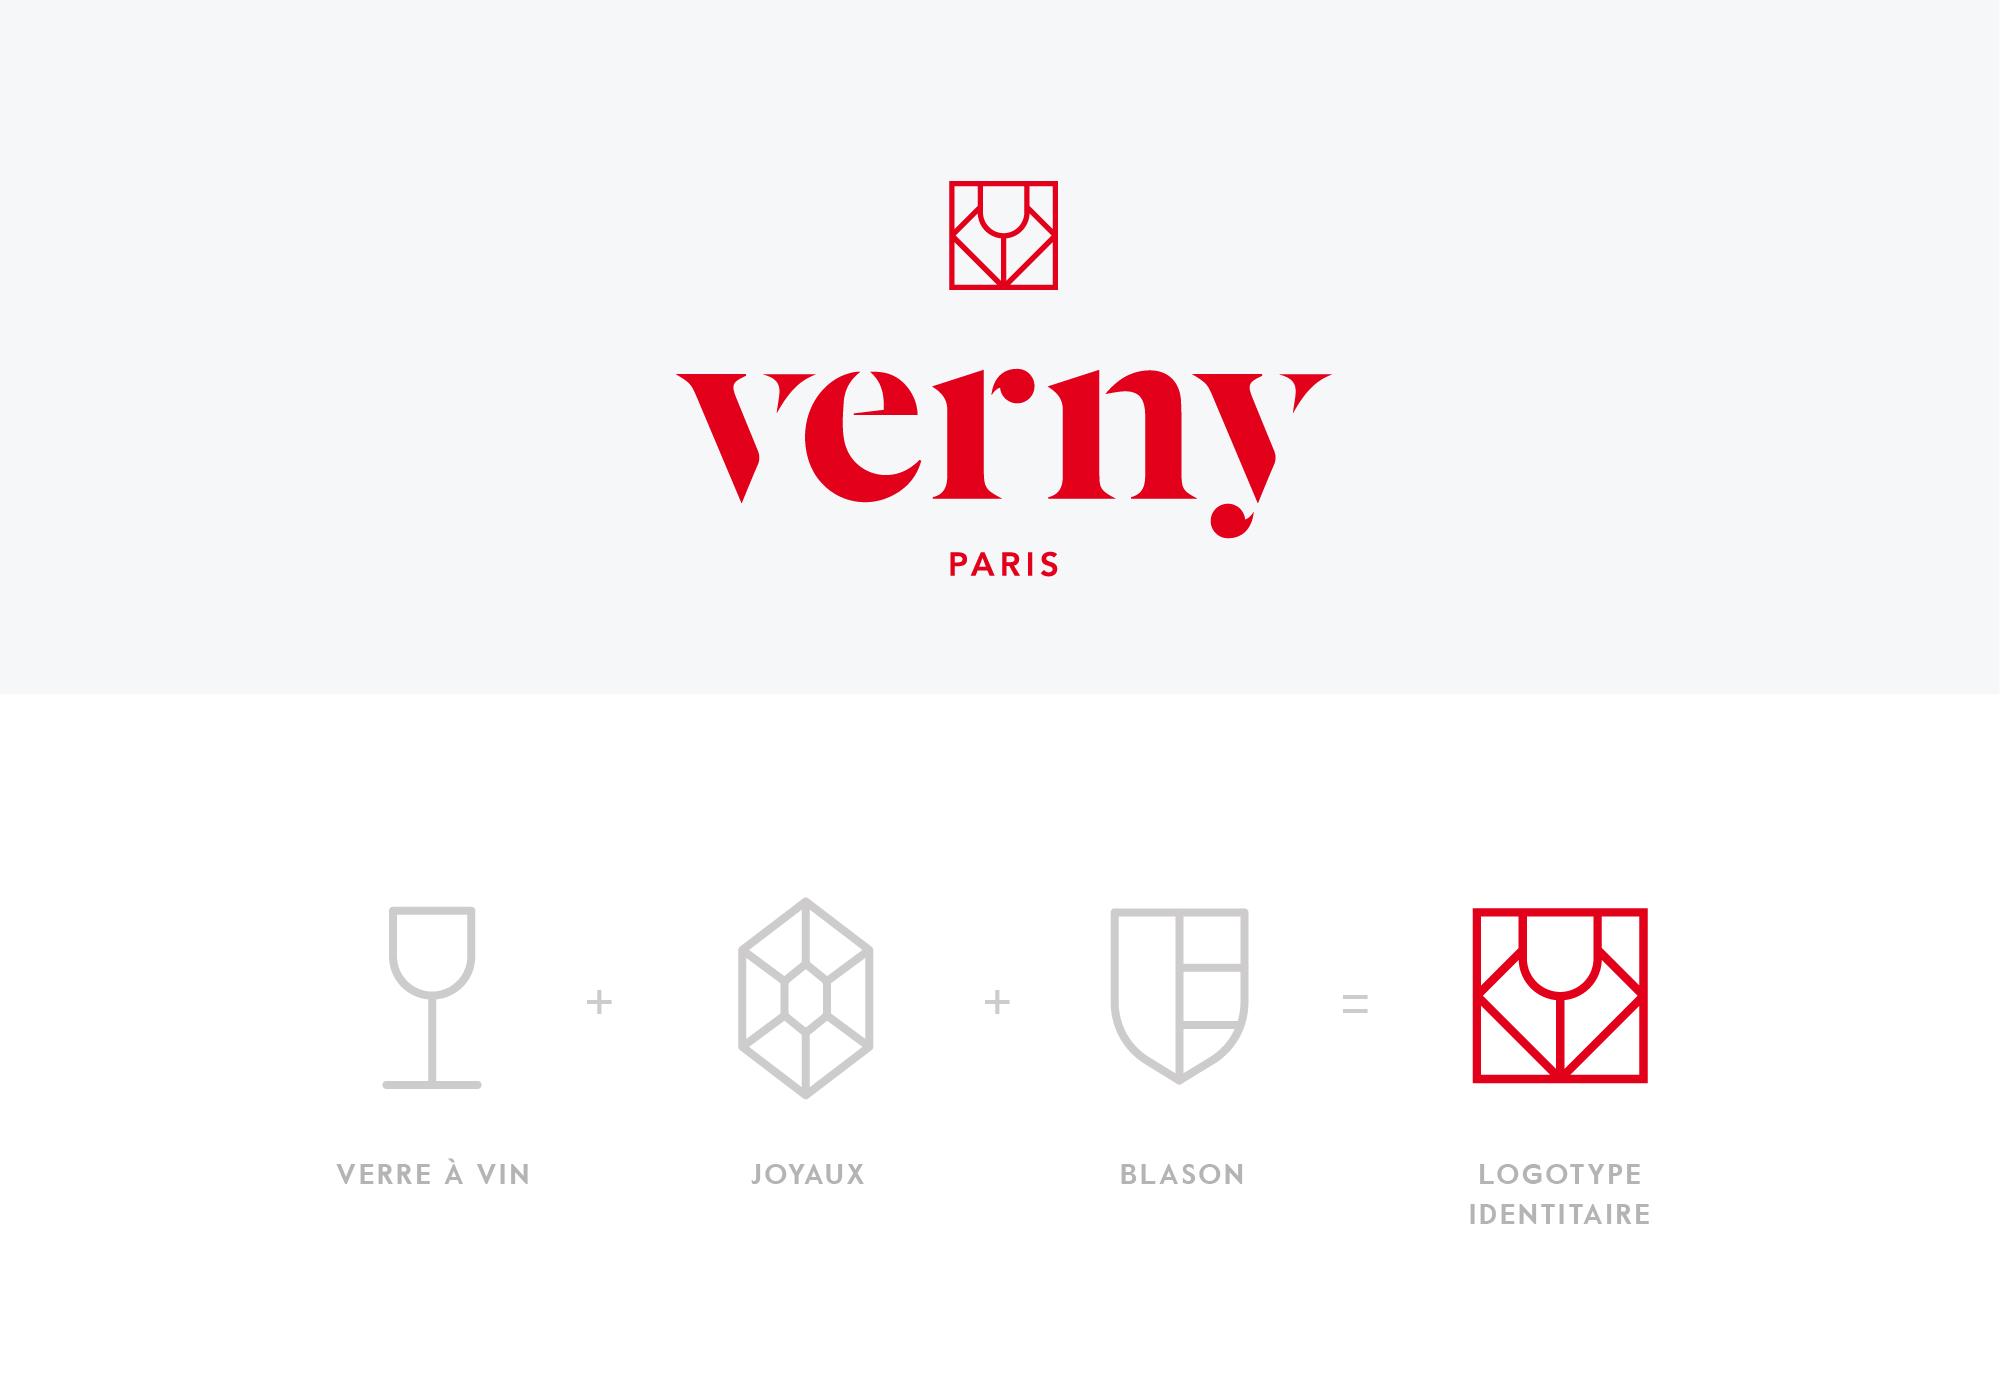 verny identité visuelle symbole concept